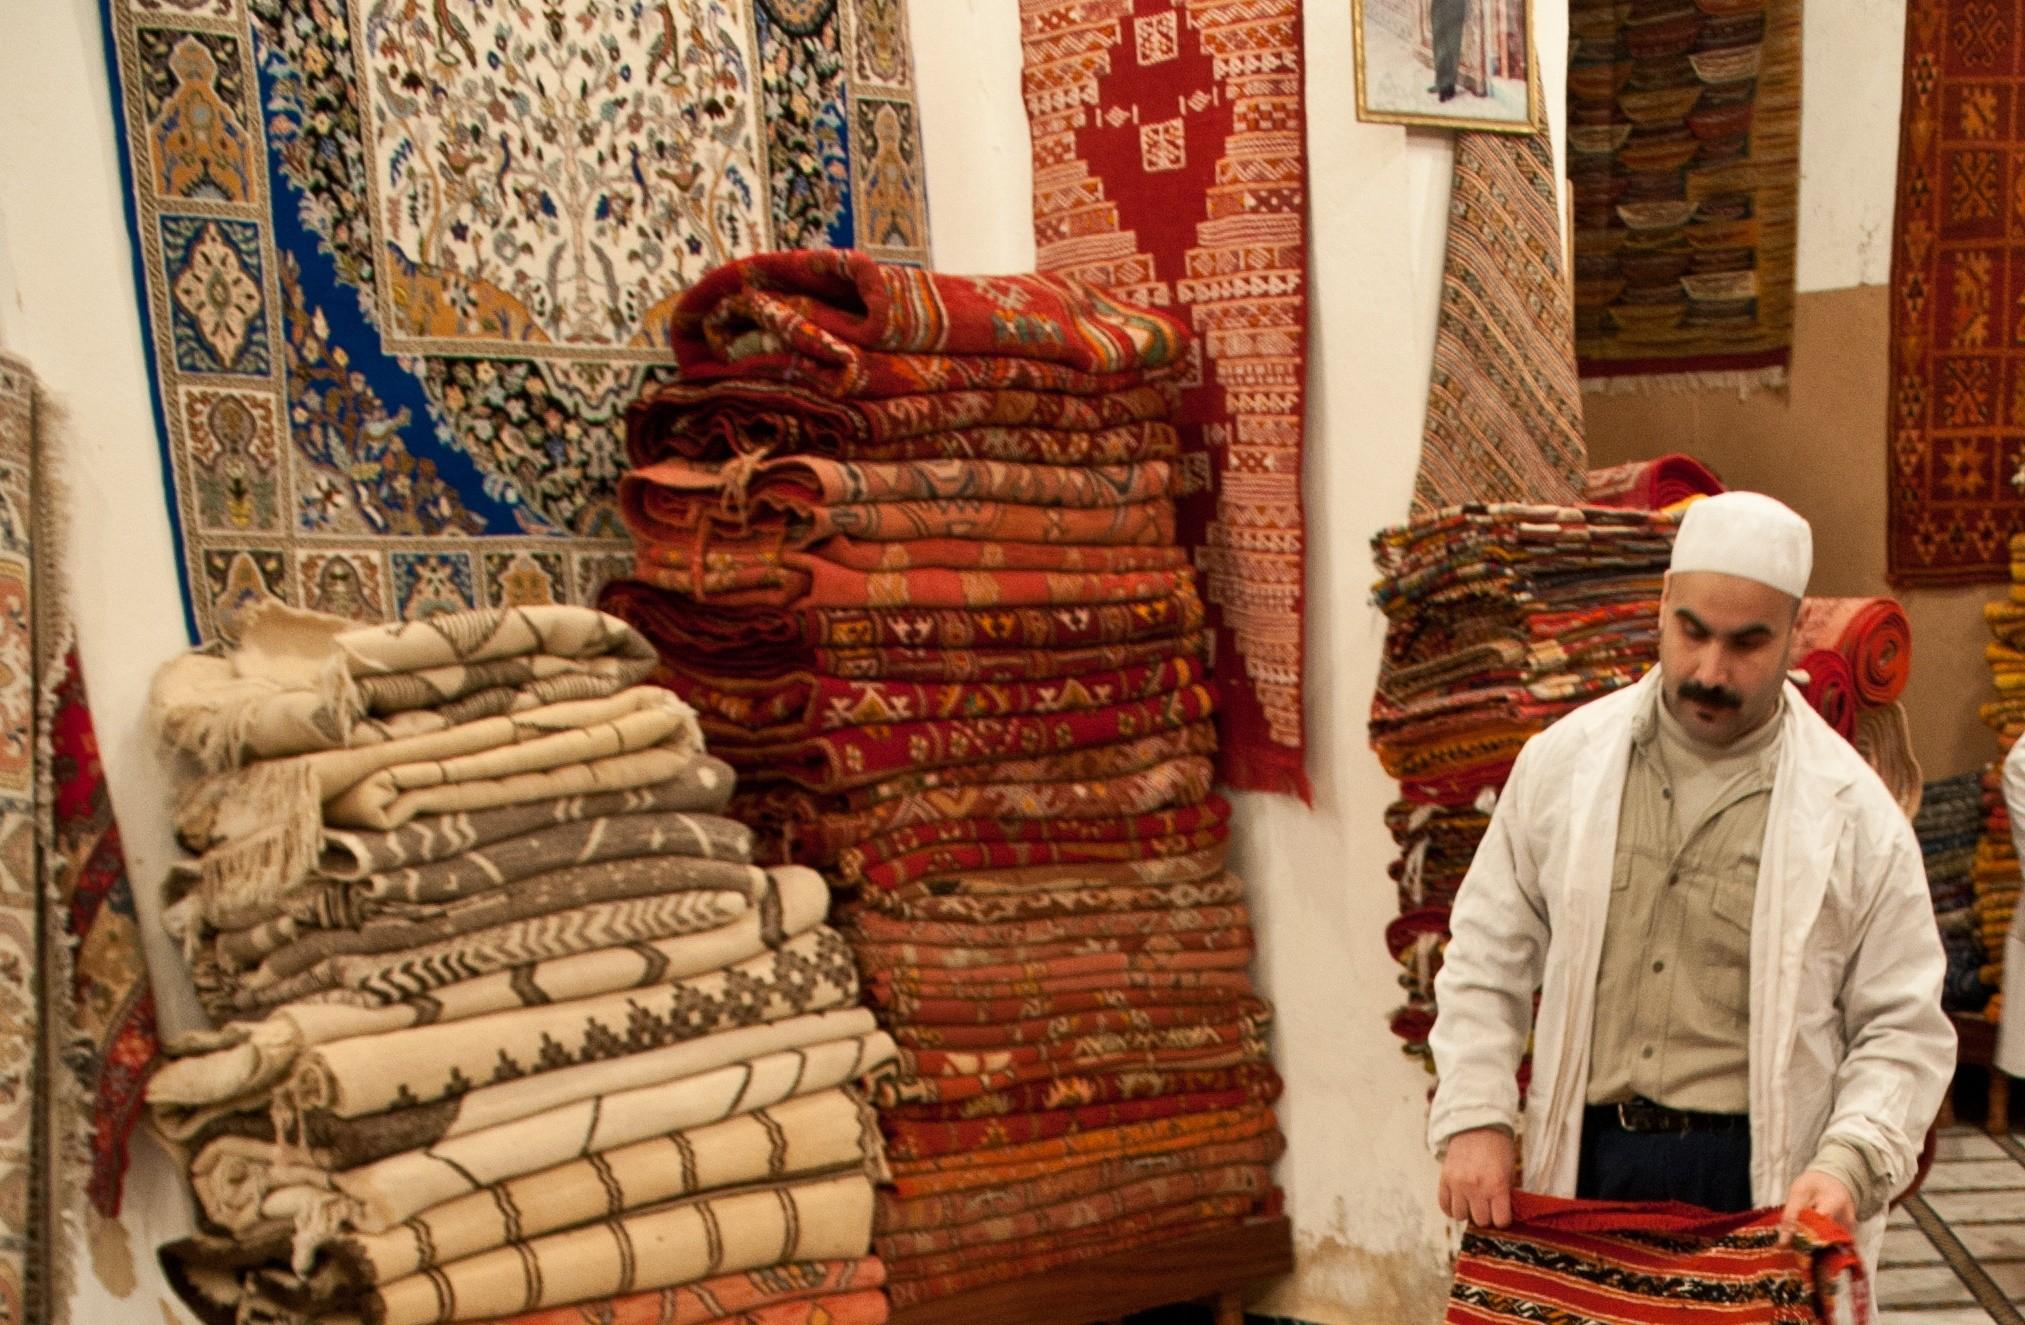 هجرة الحرفيين تهدّد صناعة السجاد اليدوي بالاندثار